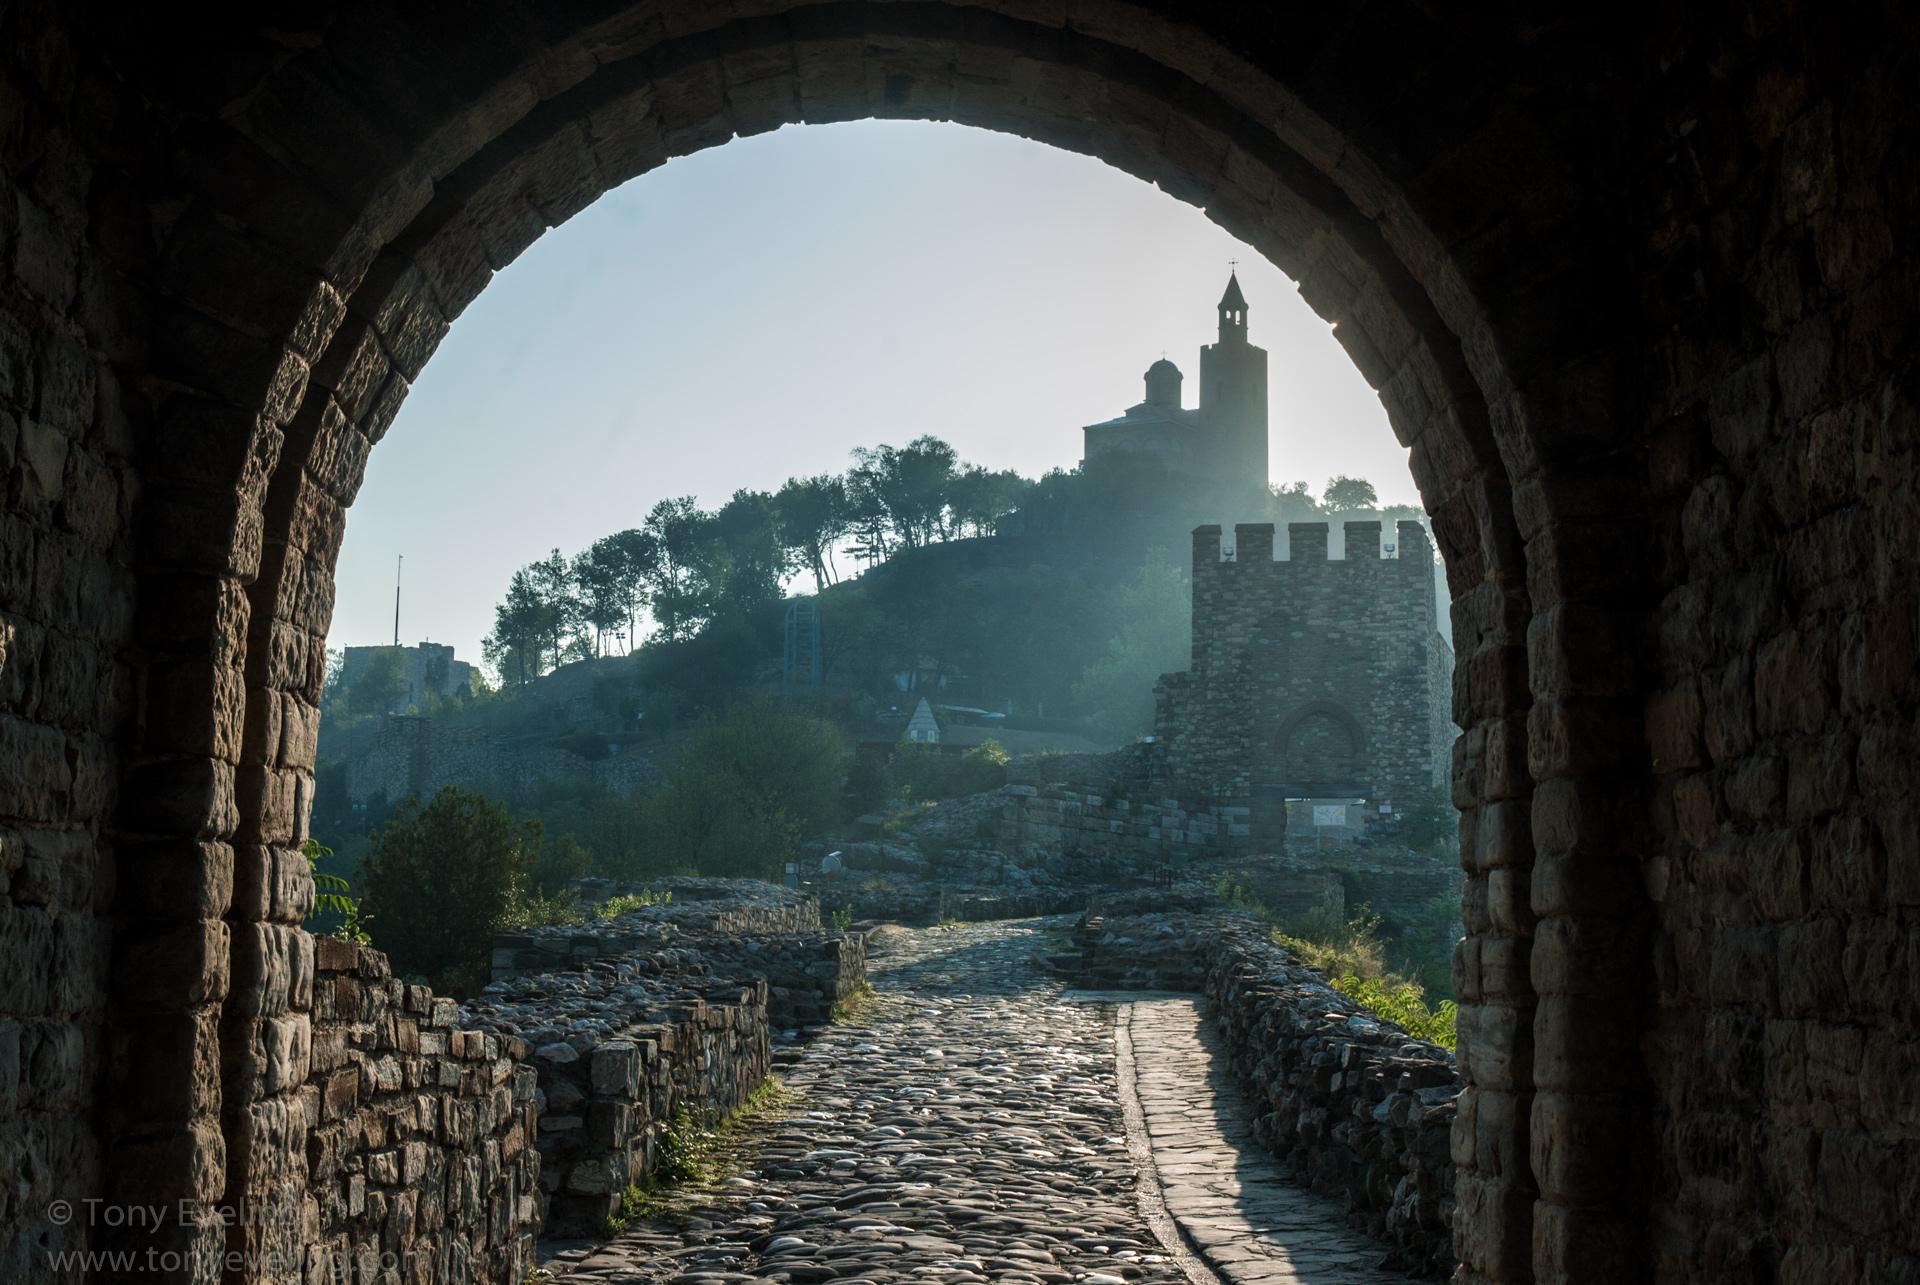 Dawn photo, taken in the Golden Hour of Tsarevets fortress in Veliko Tarnovo, Bulgaria